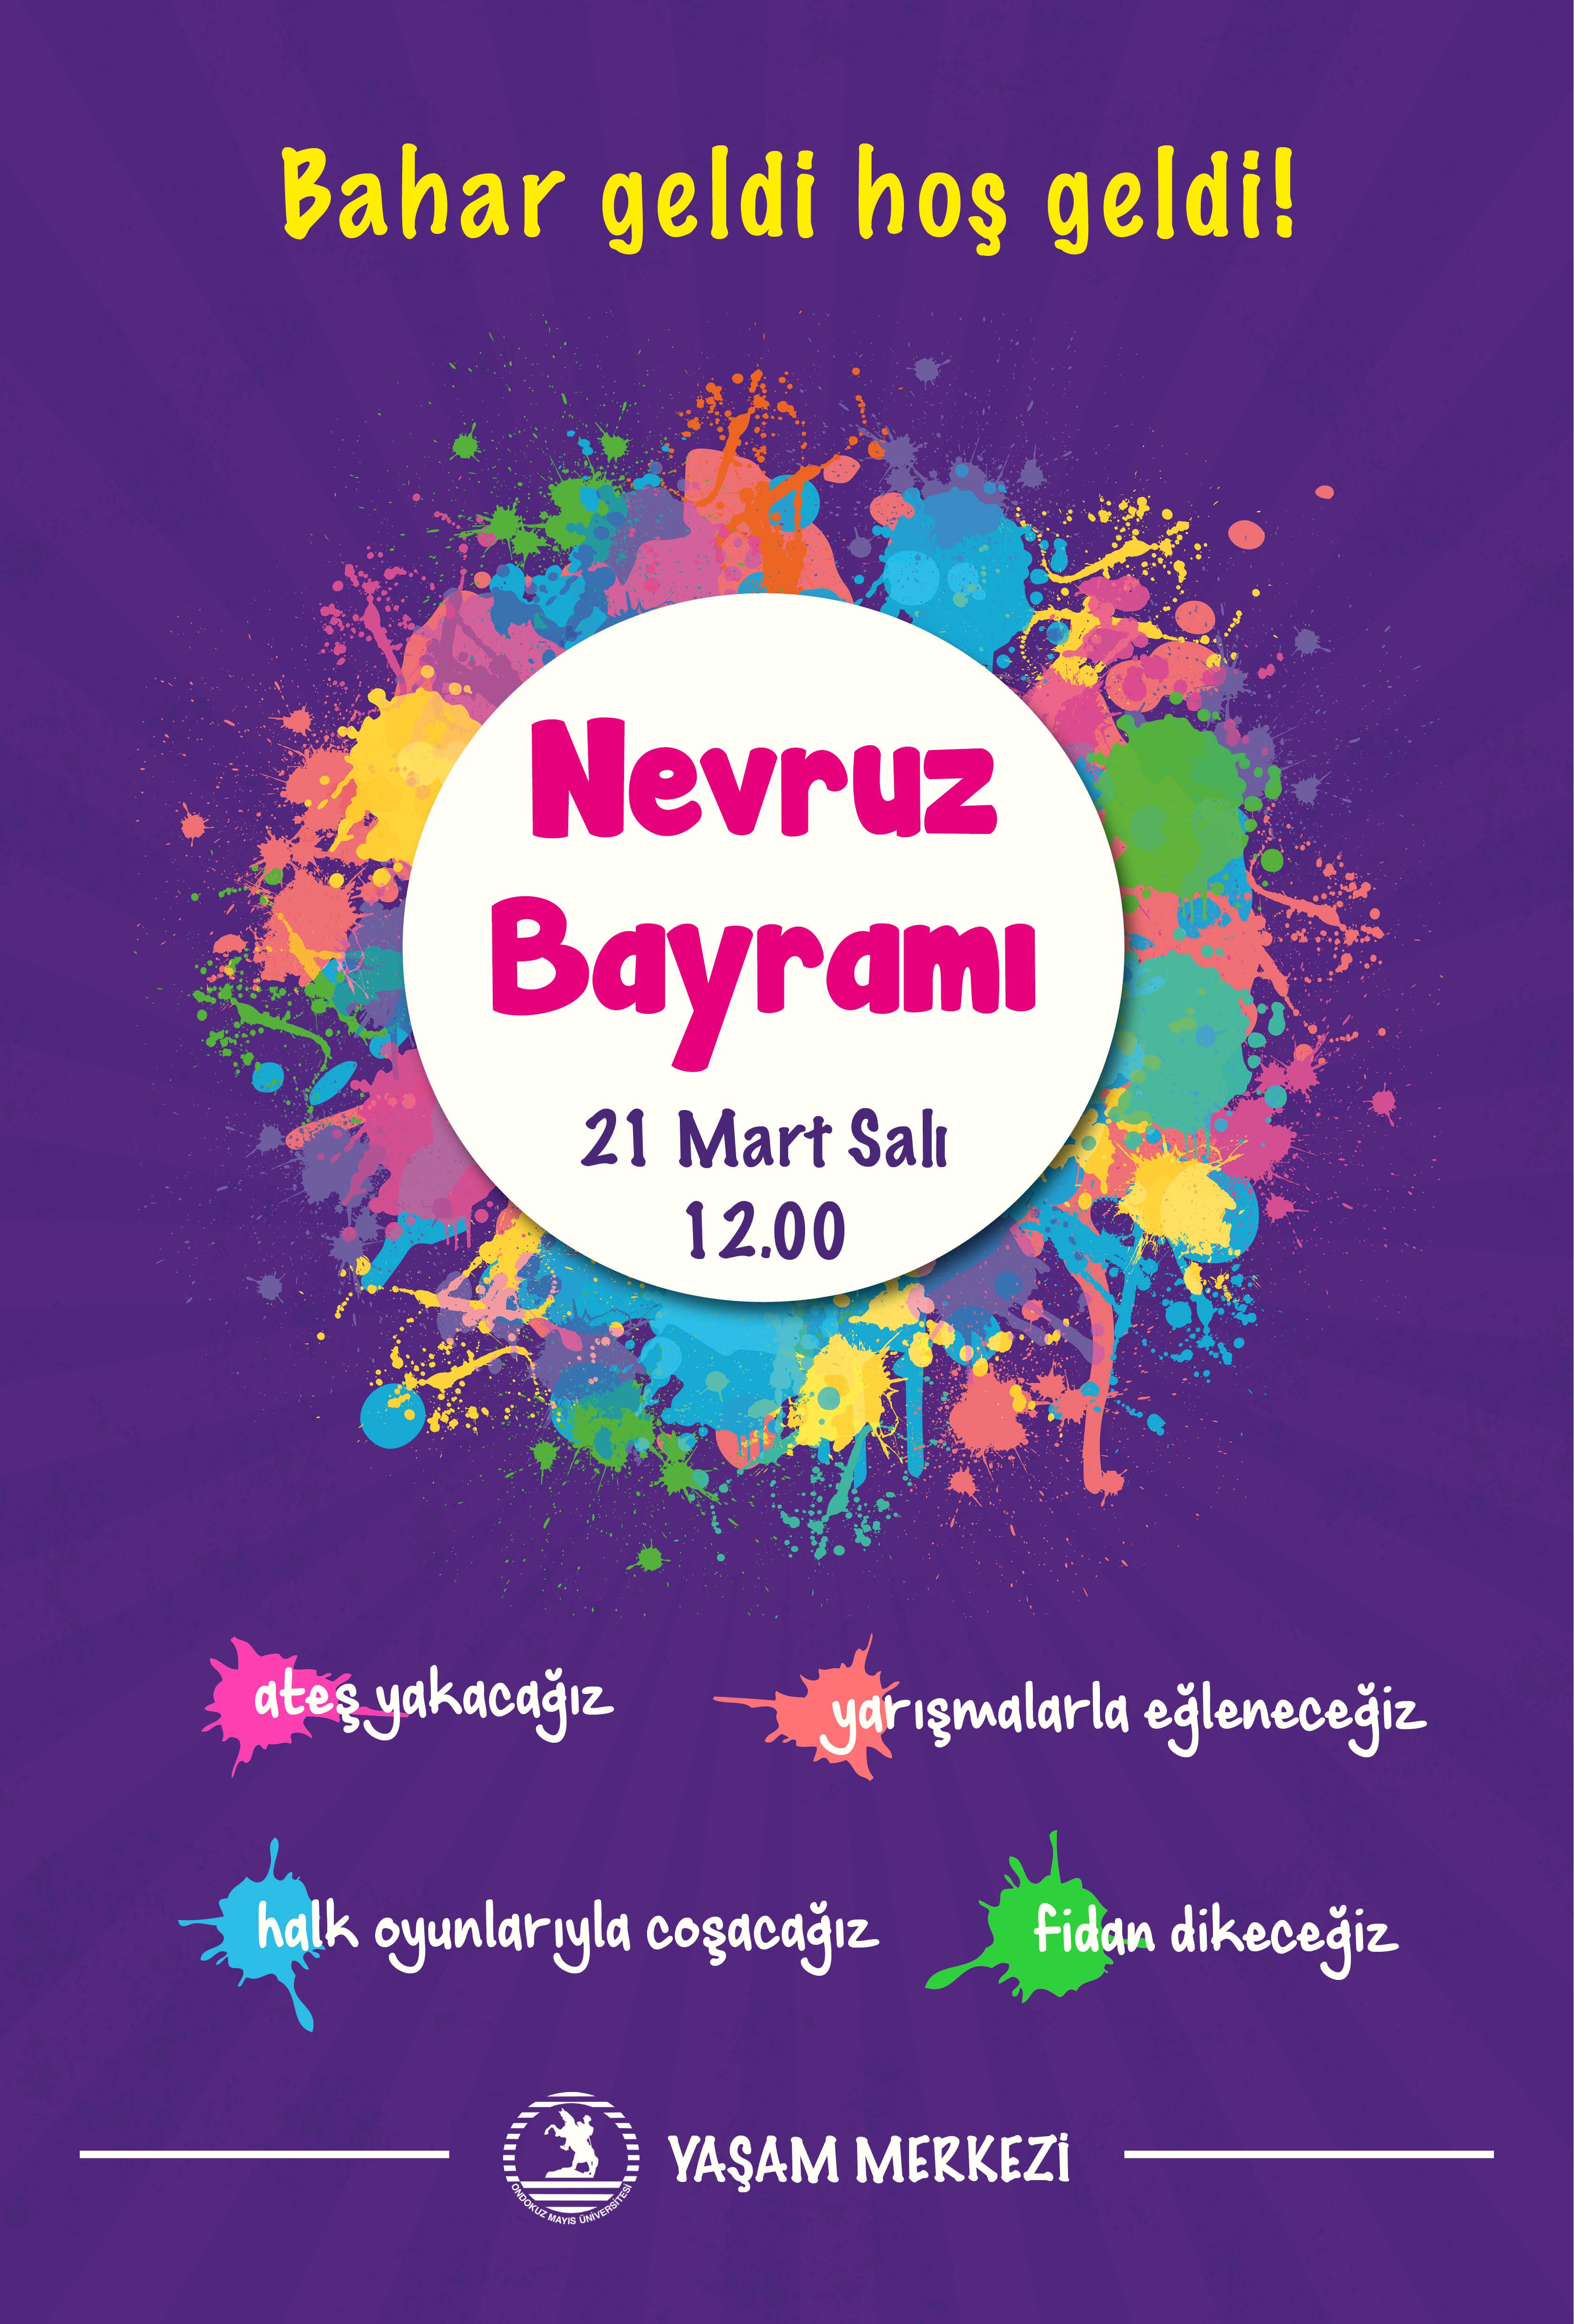 http://www.omu.edu.tr/sites/default/files/files/nevruz_bayrami_ve_fidan_dikme_etkinligi/nevruz_afis.jpg